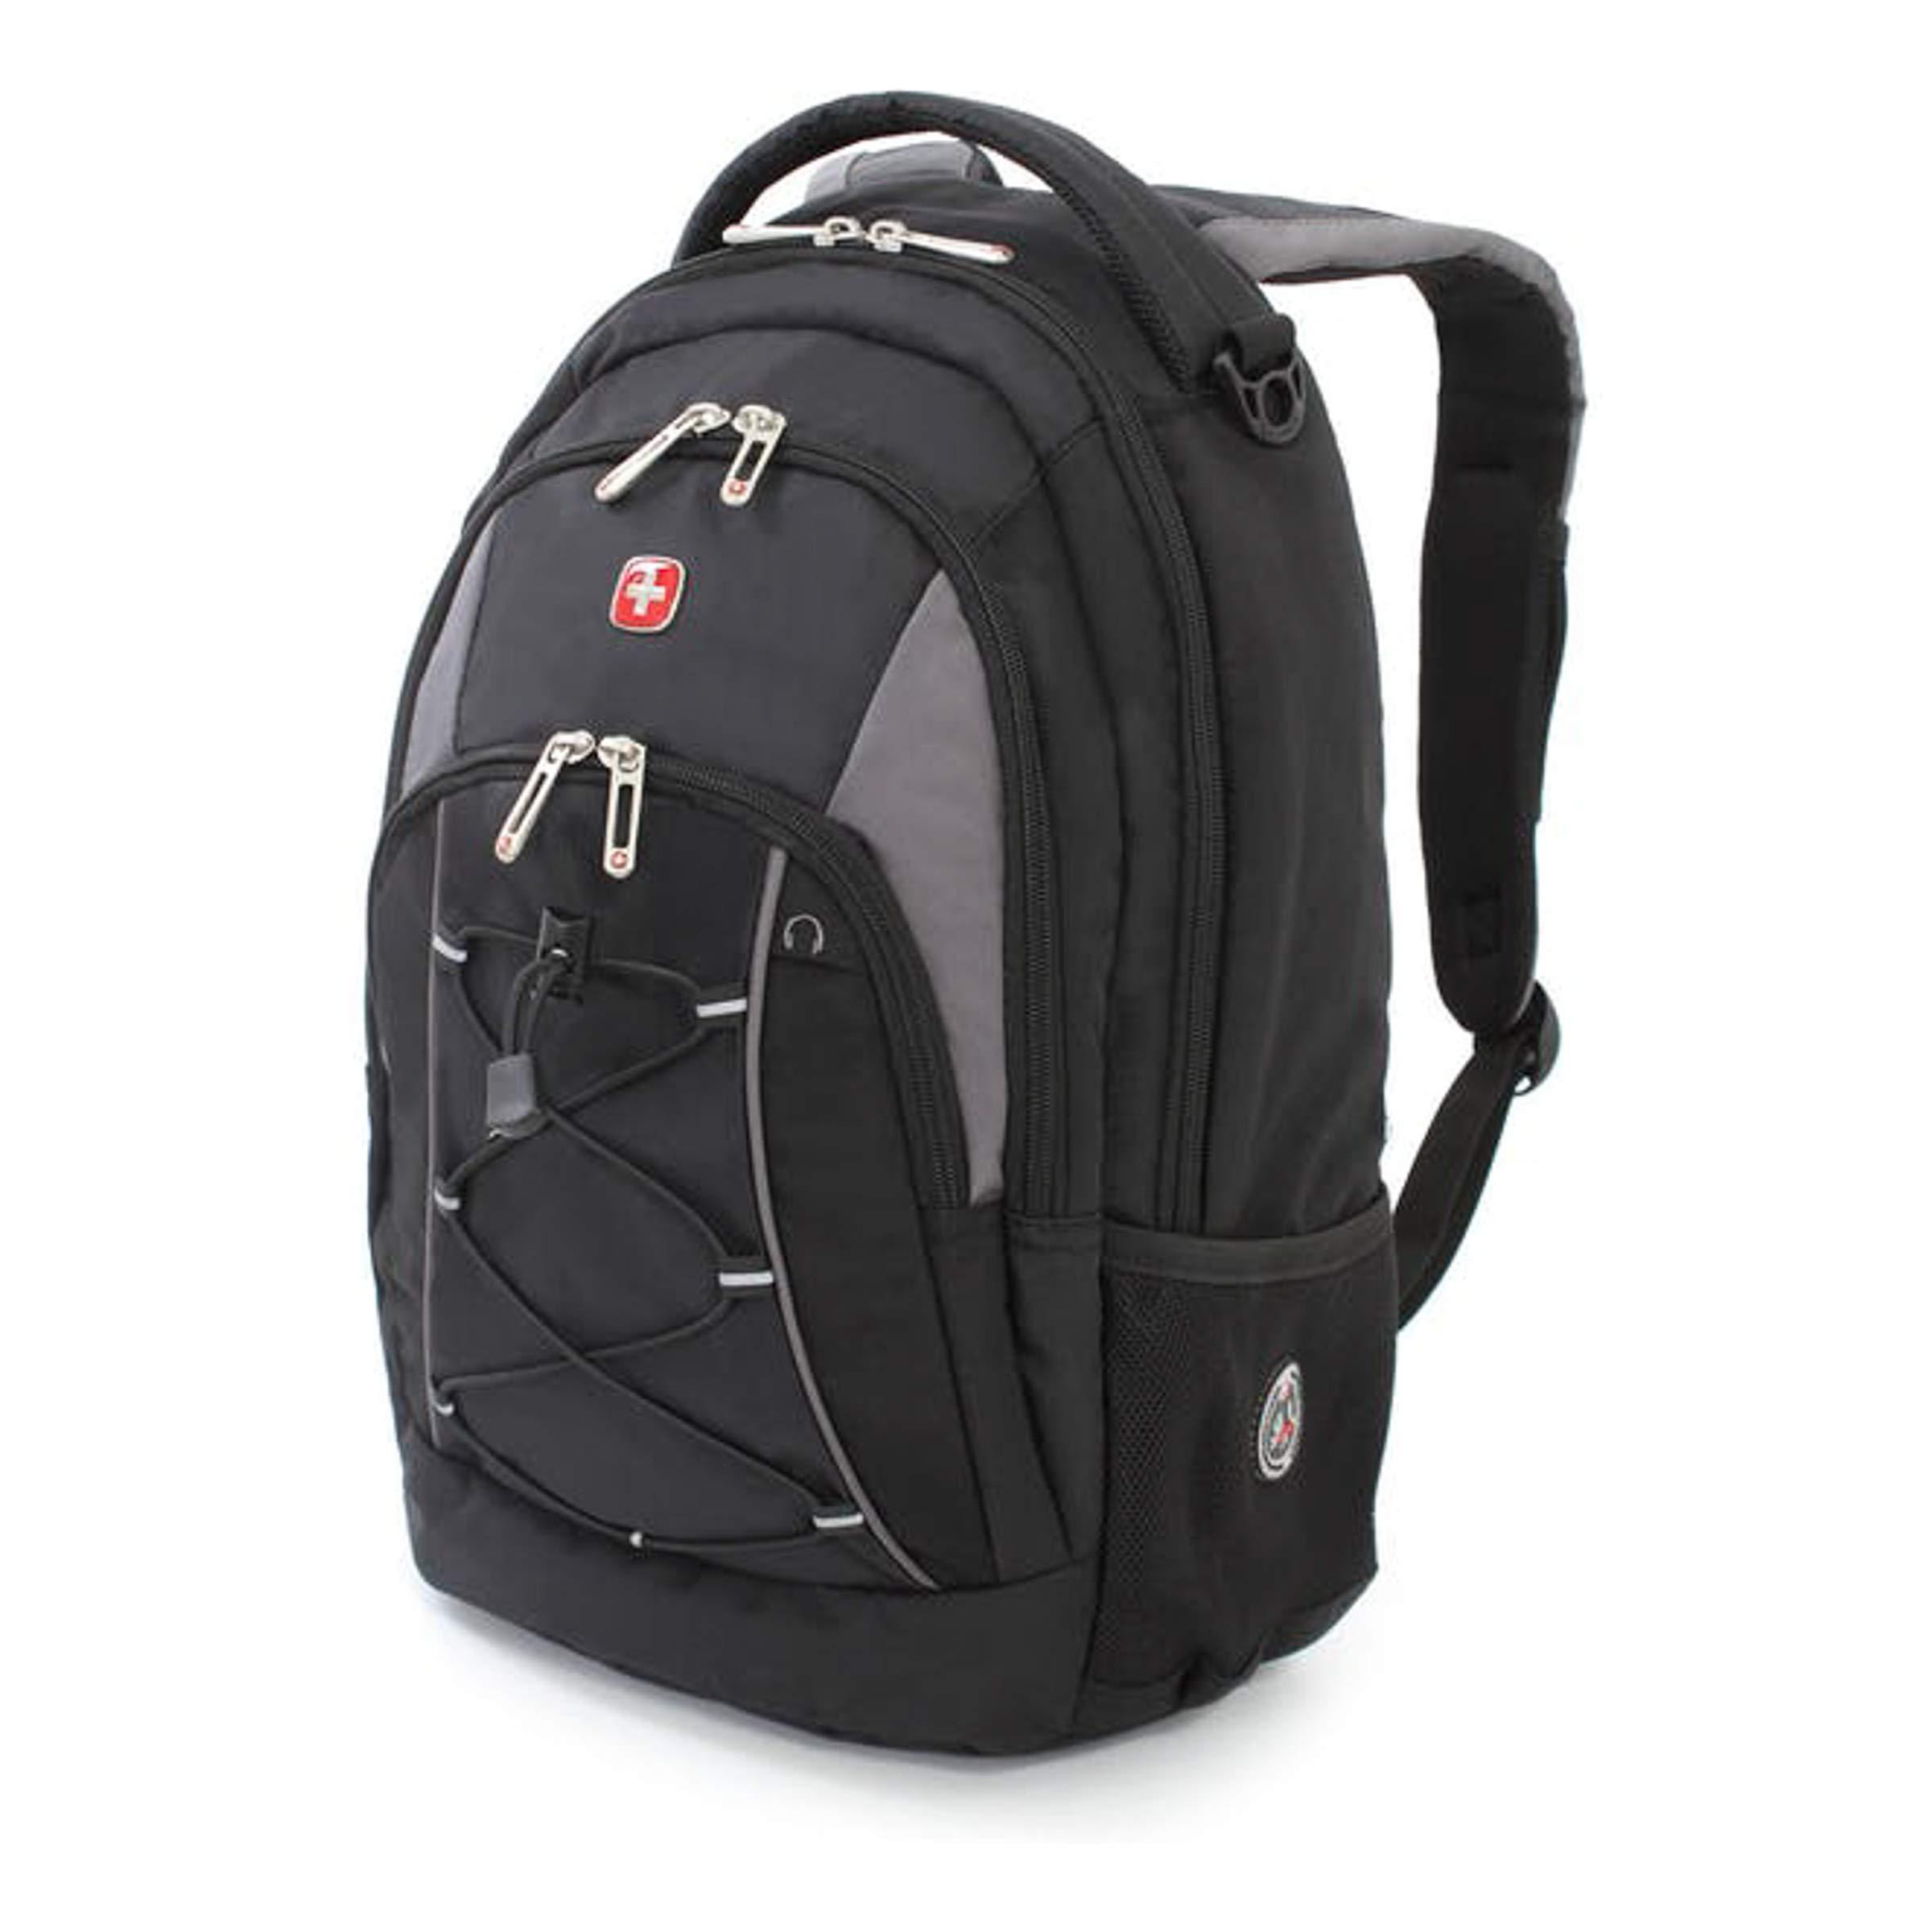 Swiss Gear Bungee Backpack, Black/Grey, One Size by Swiss Gear